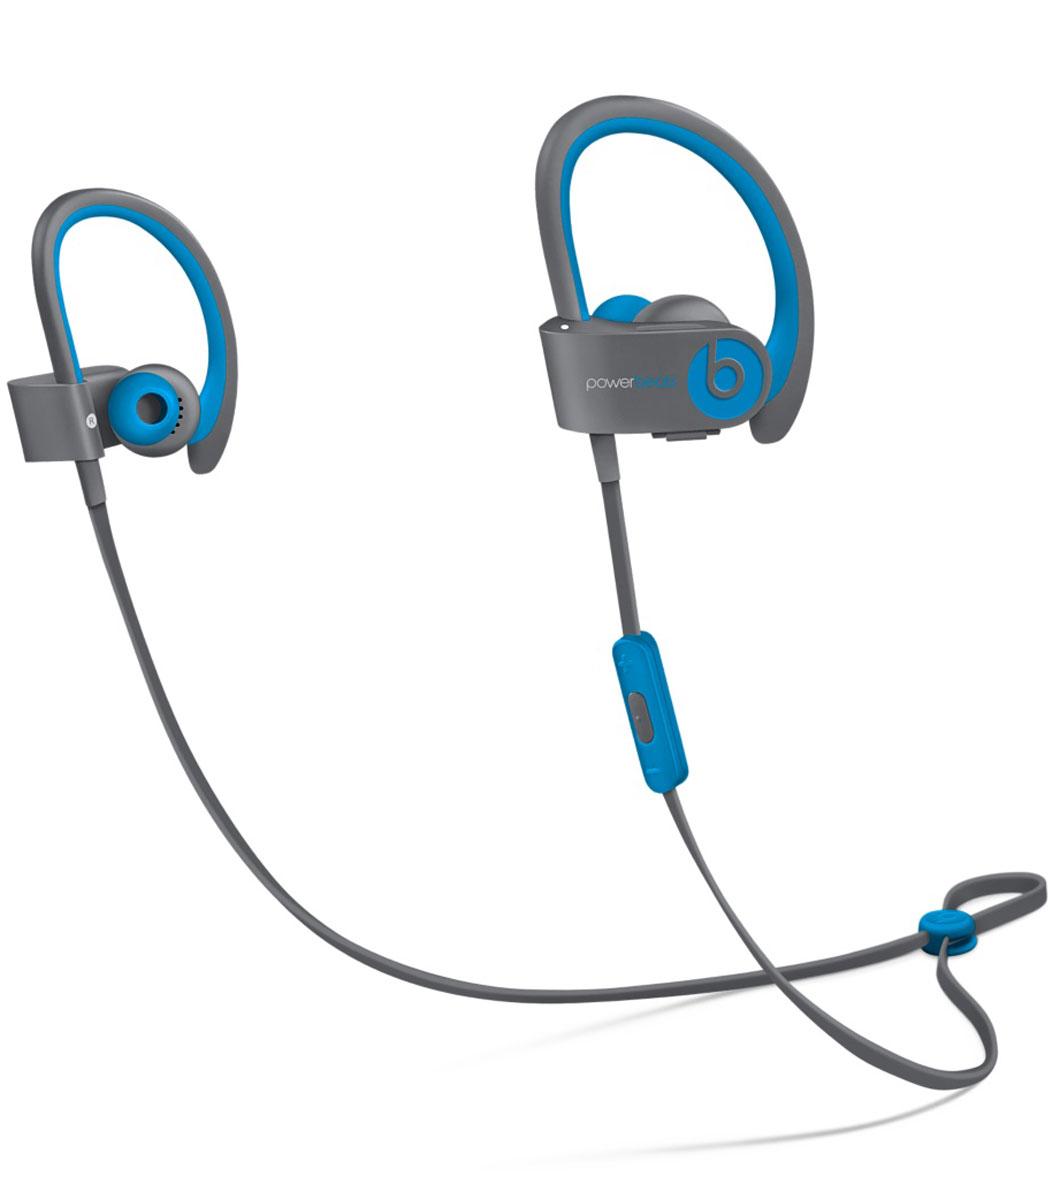 Beats Powerbeats2 Wireless Active Collection, Blue Grey наушникиMKQ02ZE/AСтильные беспроводные наушники Beats Powerbeats2 Wireless из коллекции Active дают вам полную свободу на пробежках и тренировках с iPhone или iPod. Беспроводные наушники, вдохновлённые Леброном Джеймсом, бросают вызов обыденности, давая атлетам импульс к непревзойдённым результатам. Лёгкие и мощные, с двумя акустическими головками, совершенно новые беспроводные наушники воспроизводят звук великолепного качества на мощности, которая нужна вам для движения на пробежке или тренировке. От городских улиц до игровых площадок - наушники Powerbeats2 Wireless дают вам полную свободу на тренировках. Беспроводная технология Bluetooth даёт возможность подключаться к iPhone, iPod или другому устройству Bluetooth на расстоянии до 9 метров - вы можете свободно двигаться и сосредоточиться на спорте. Подзаряжаемый аккумулятор на 6 часов воспроизведения даст вам силы выстоять до конца. А если он разрядился, 15-минутная быстрая зарядка обеспечит ему дополнительный час работы. ...